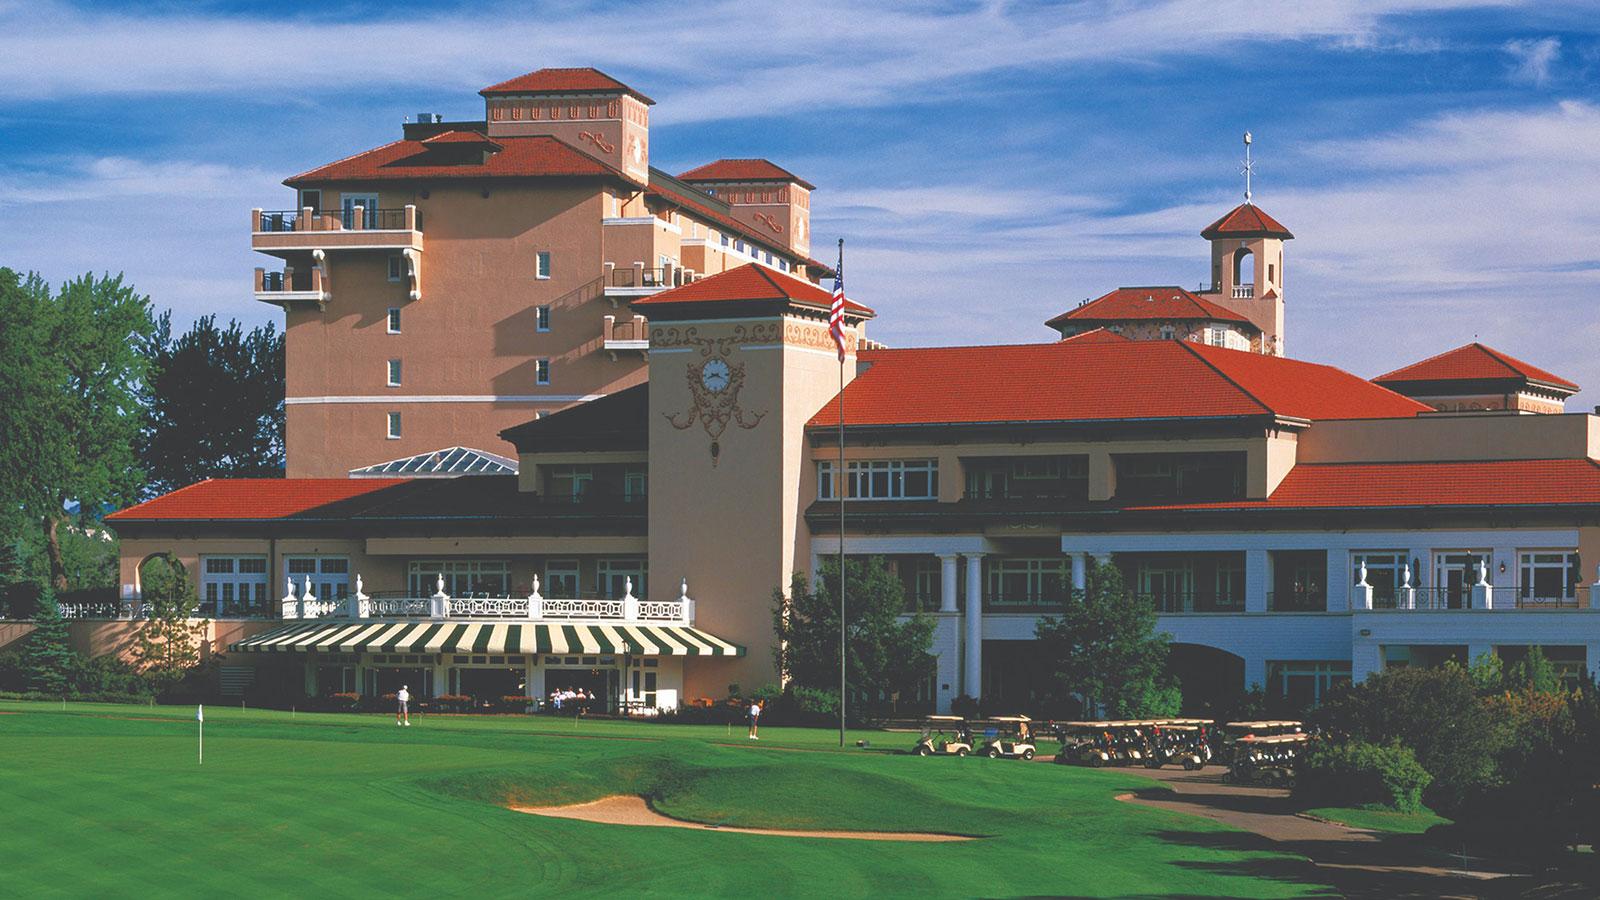 Image of championship golf course at The Broadmoor in Colorado Springs, Colorado.